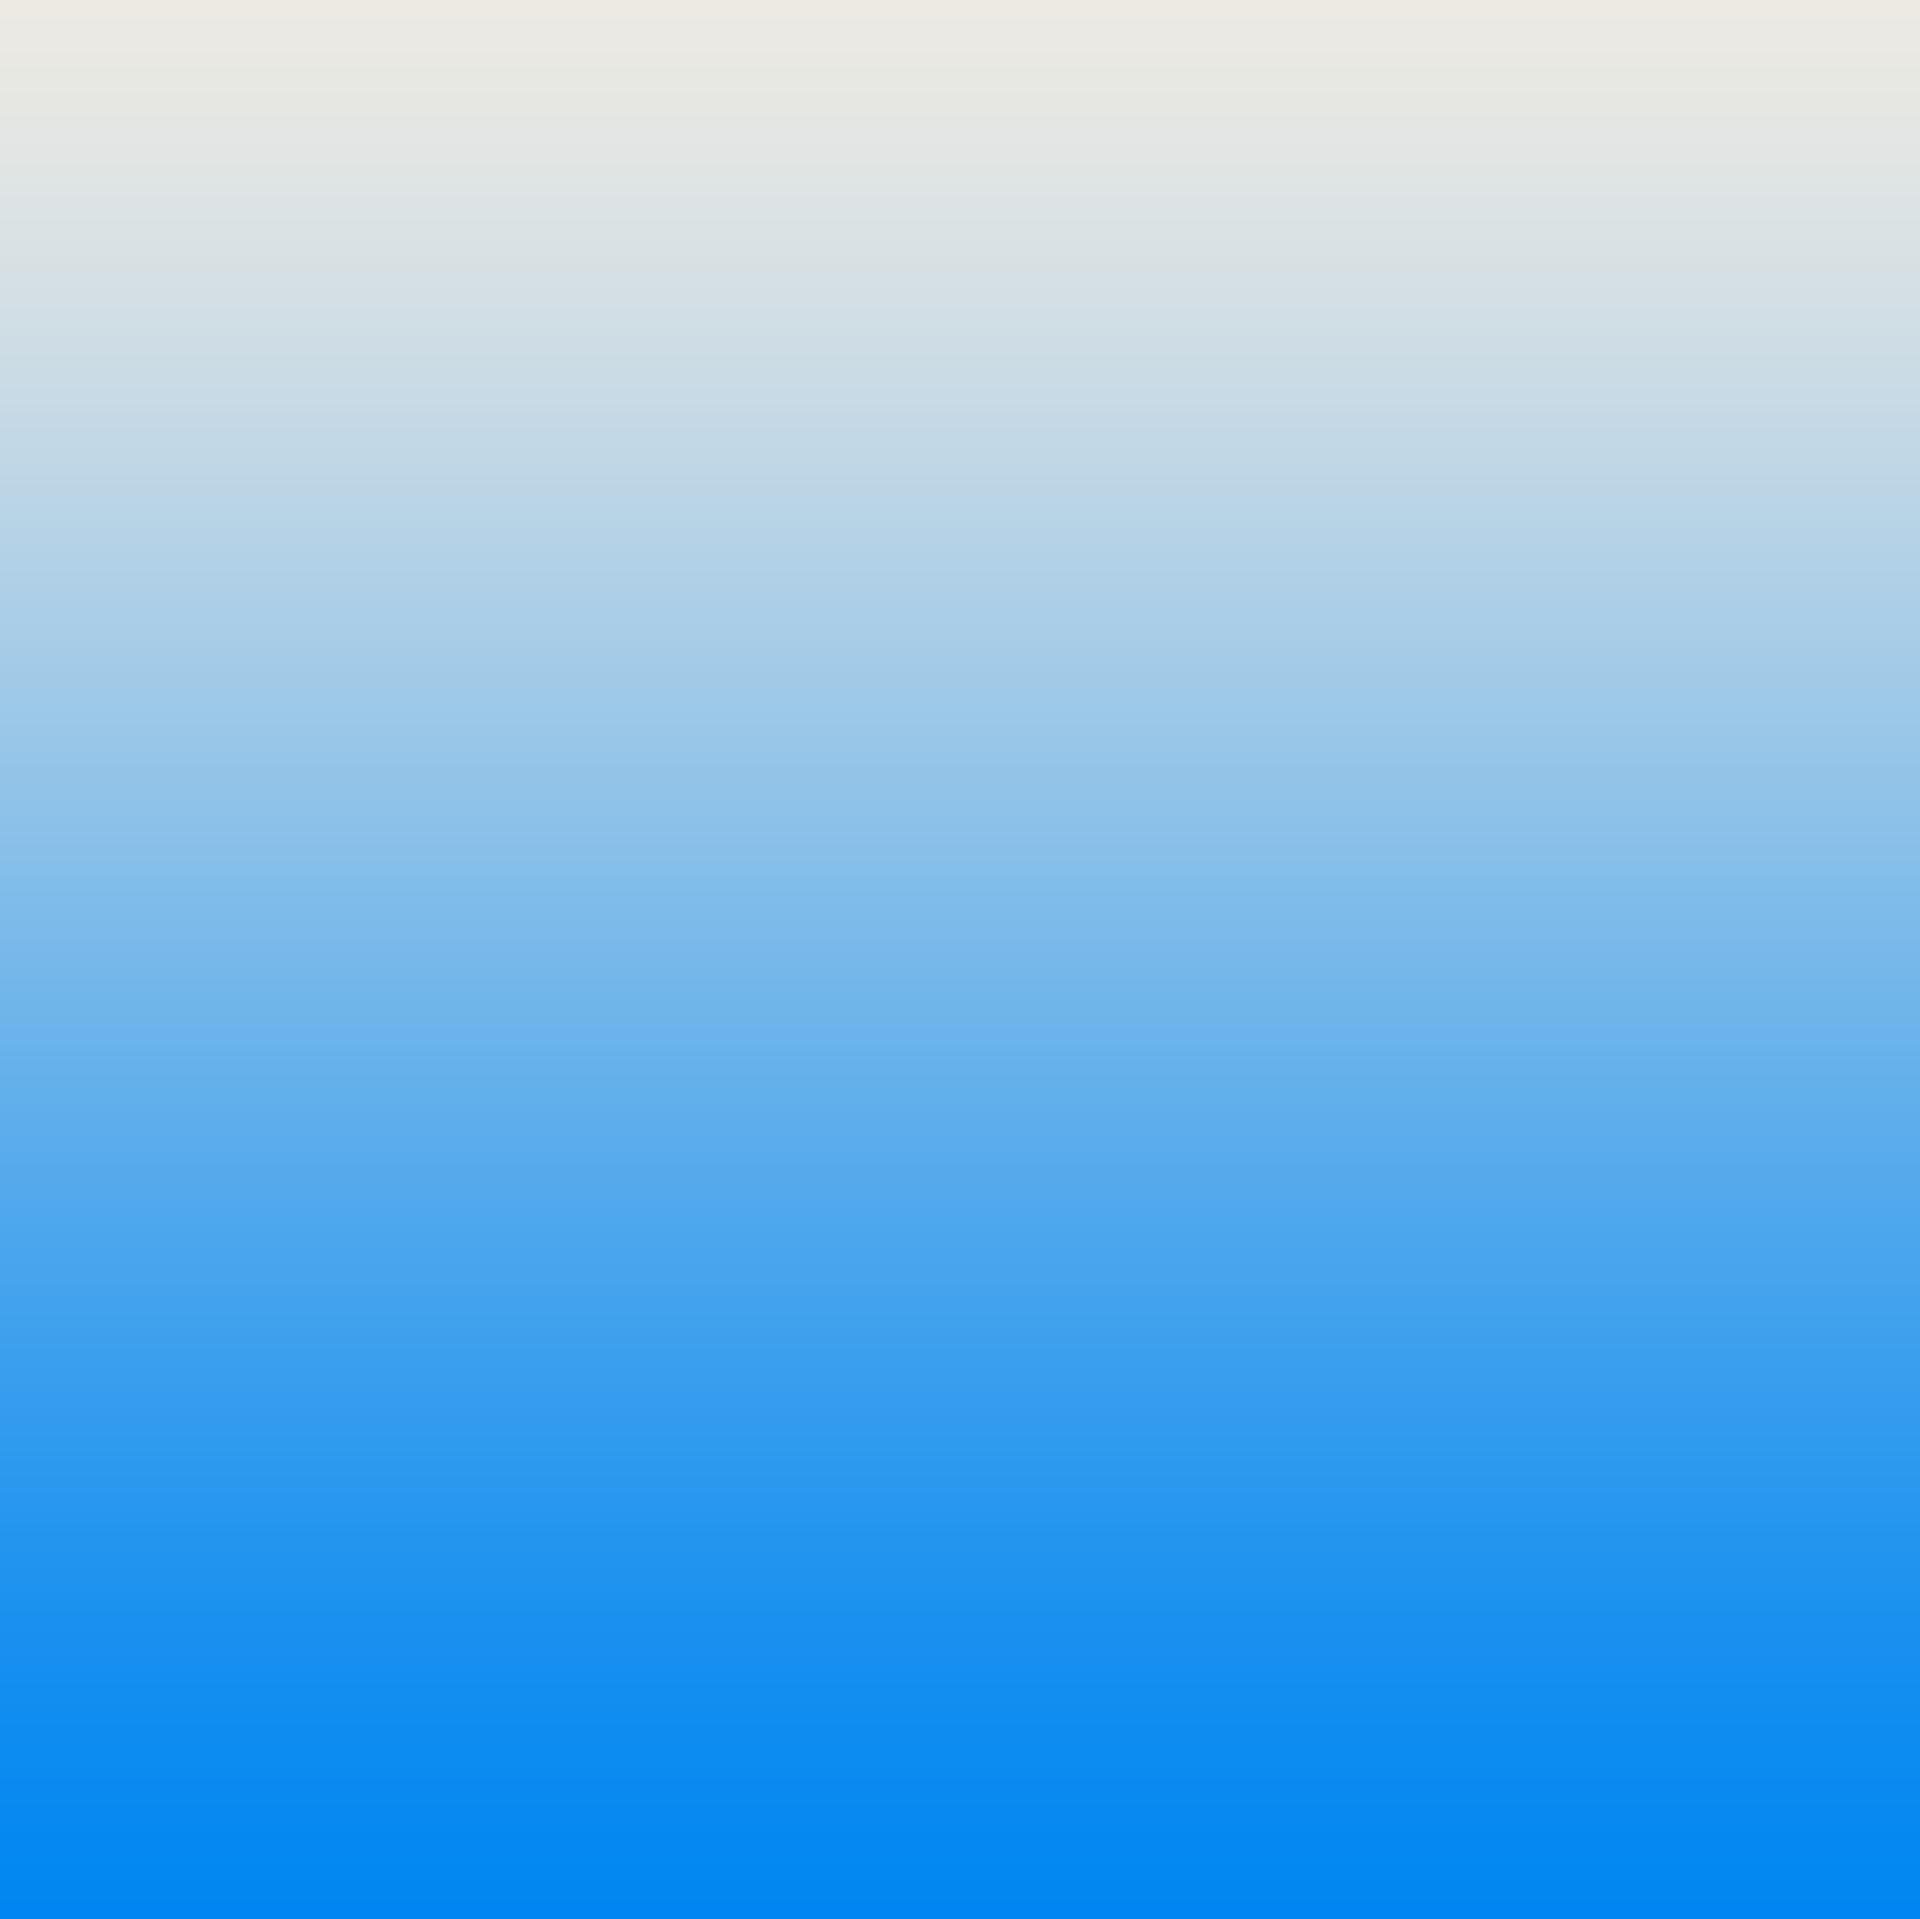 矩形 8.png